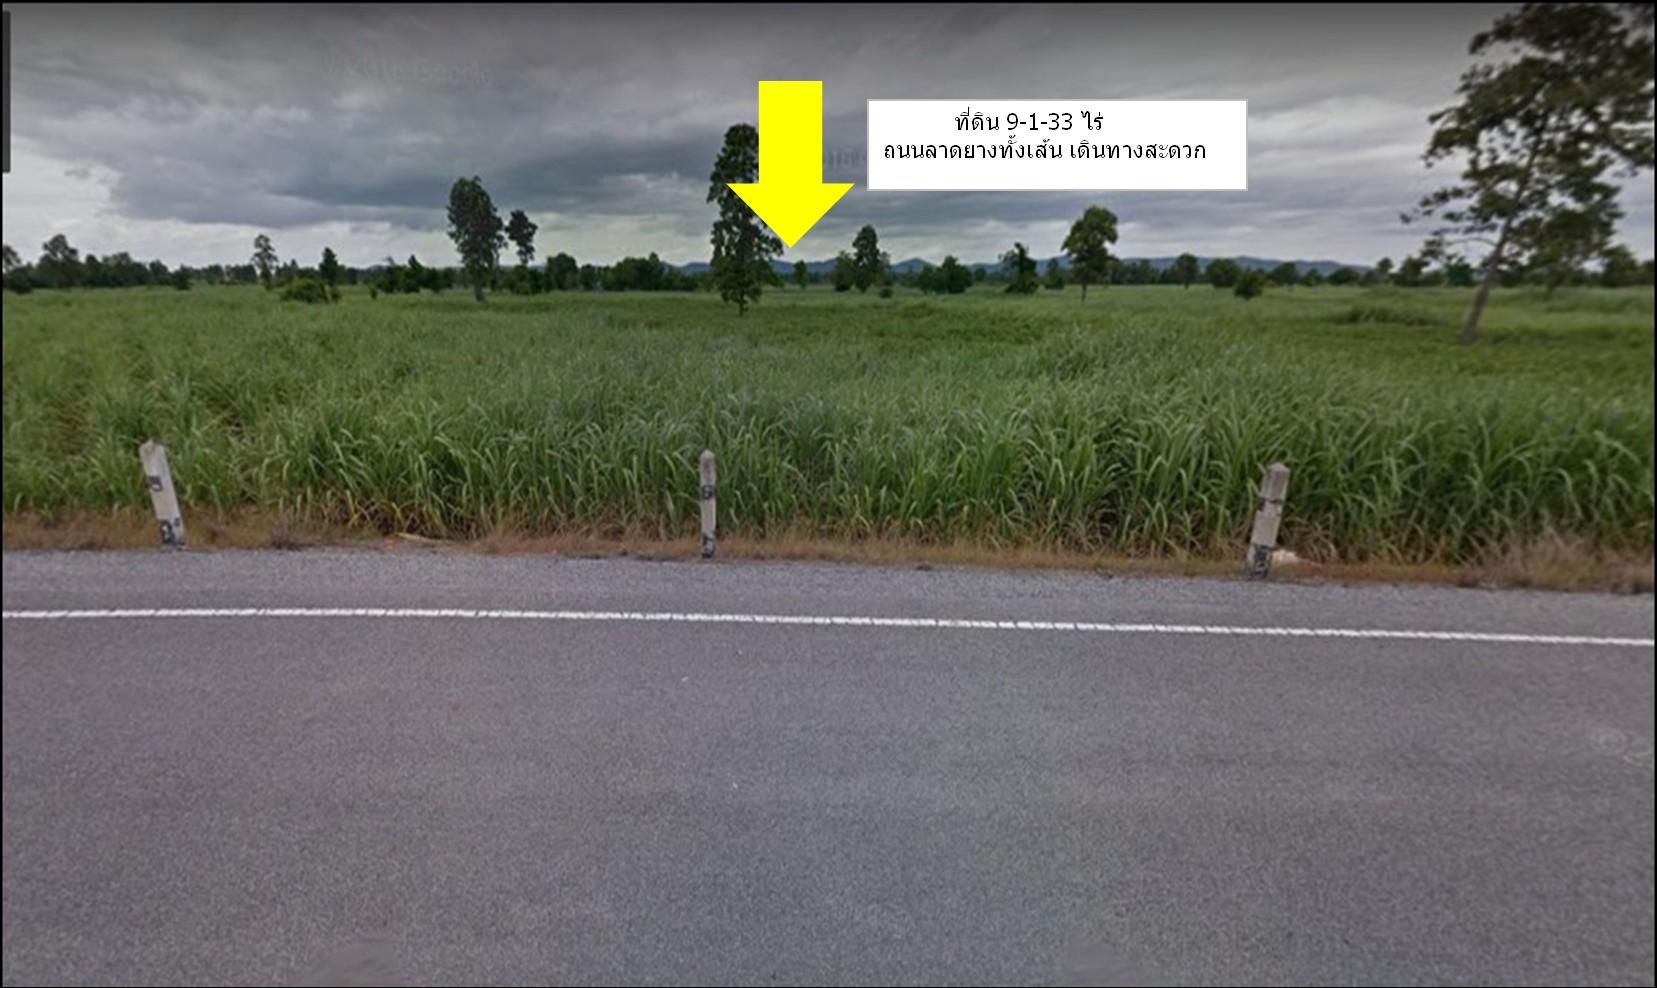 ขายที่ดินชัยนาท : ขายเพื่อล้างหนี้... ที่ดินโฉนด 9-1-33 ไร่ติดถนนลาดยาง ตำบล สุขเดือนห้า อ.เนินขาม จ.ชัยนาท